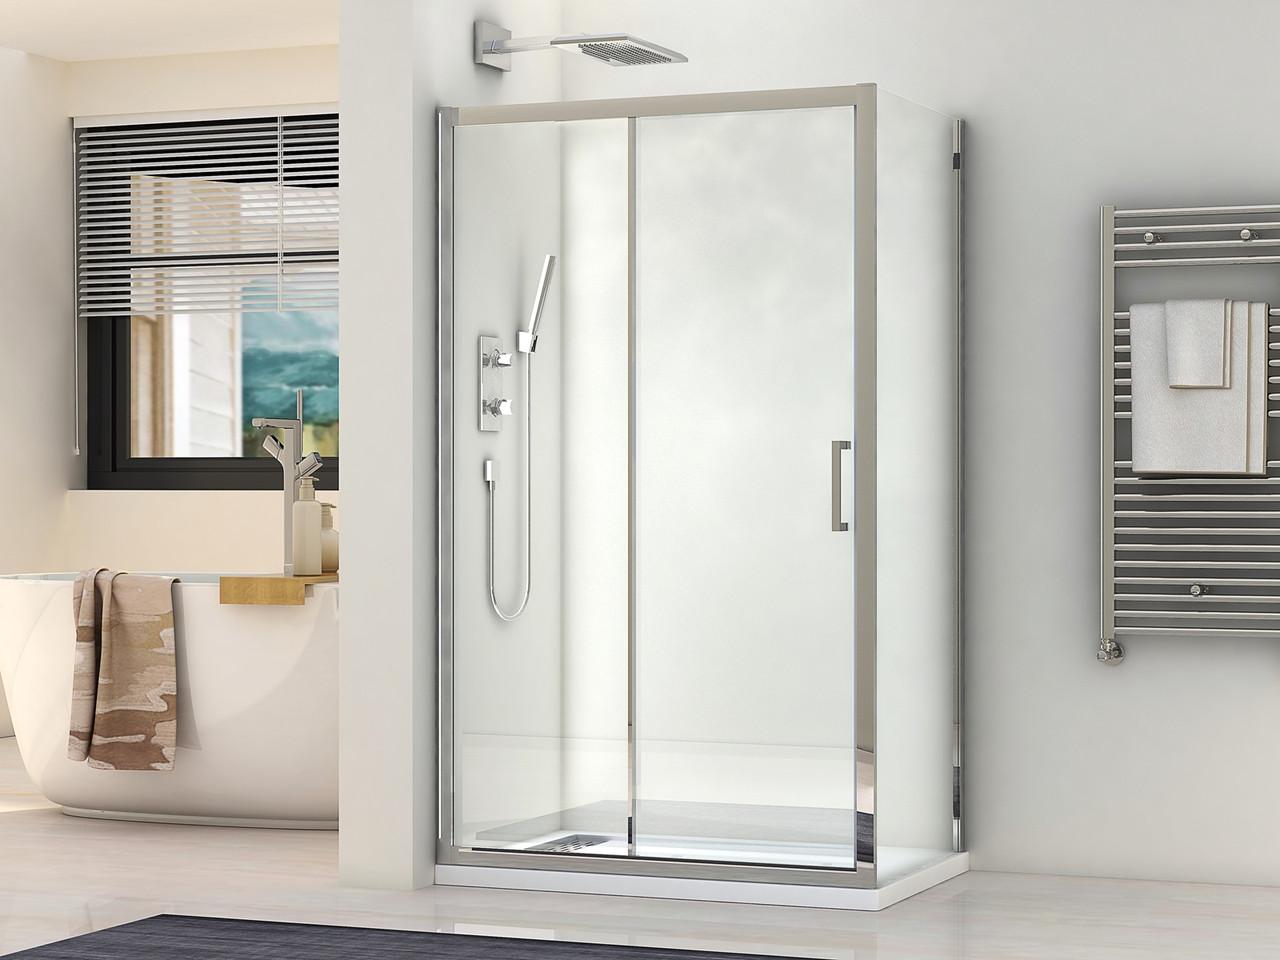 Кабіна прямокутна душова 1903810 80х100х190: скло прозоре / профіль хромований алюміній